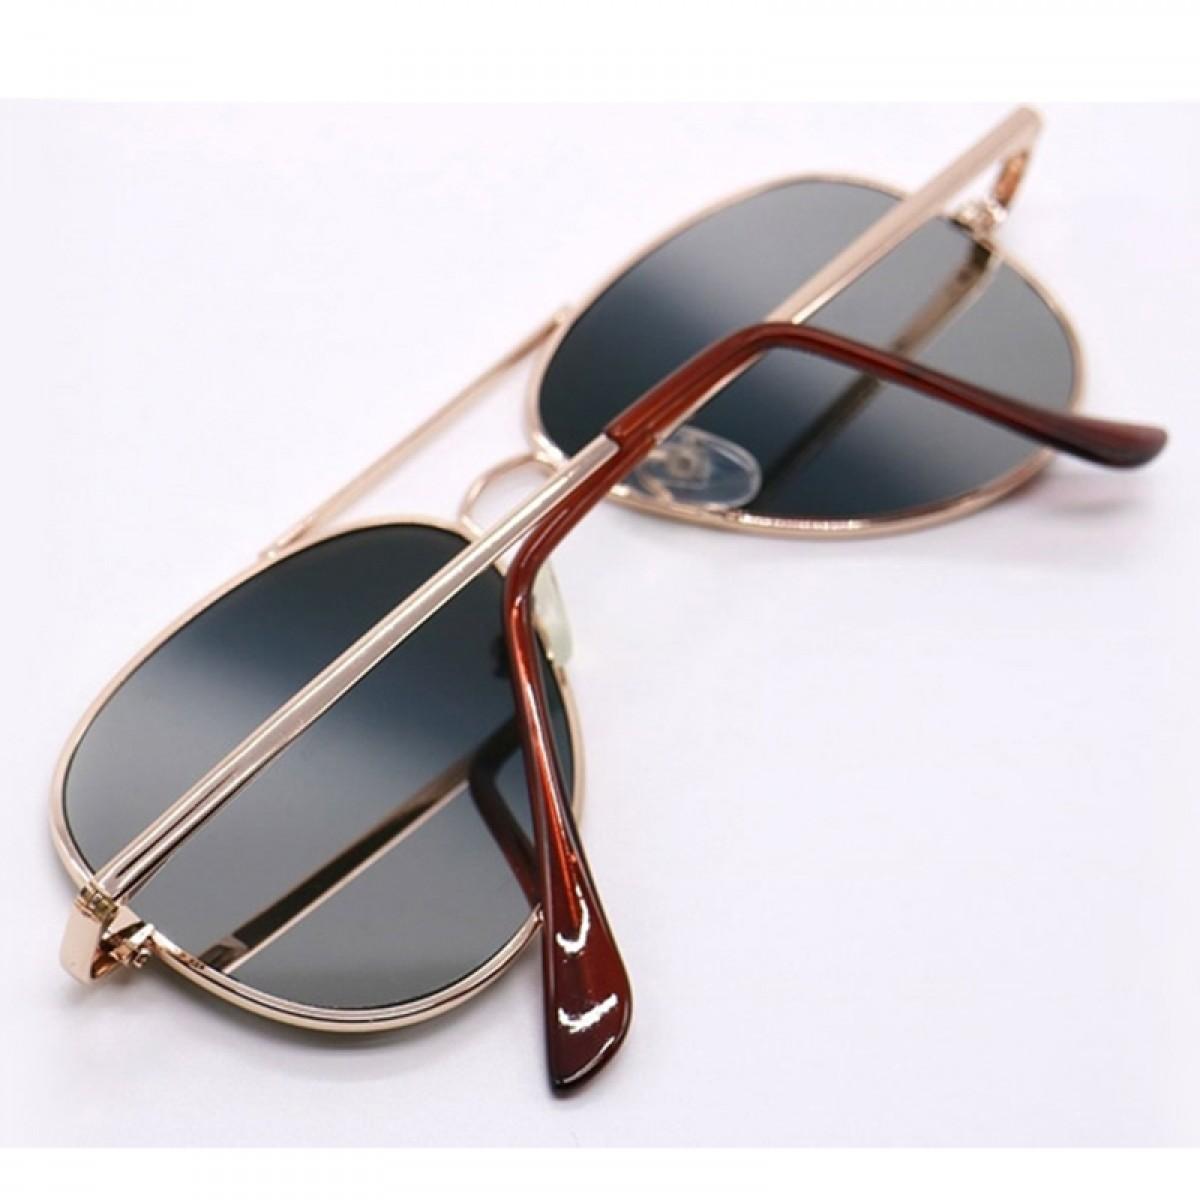 Κατασκοπευτικά Γυαλιά-Καθρέφτες με Πίσω Όρατότητα-OEM